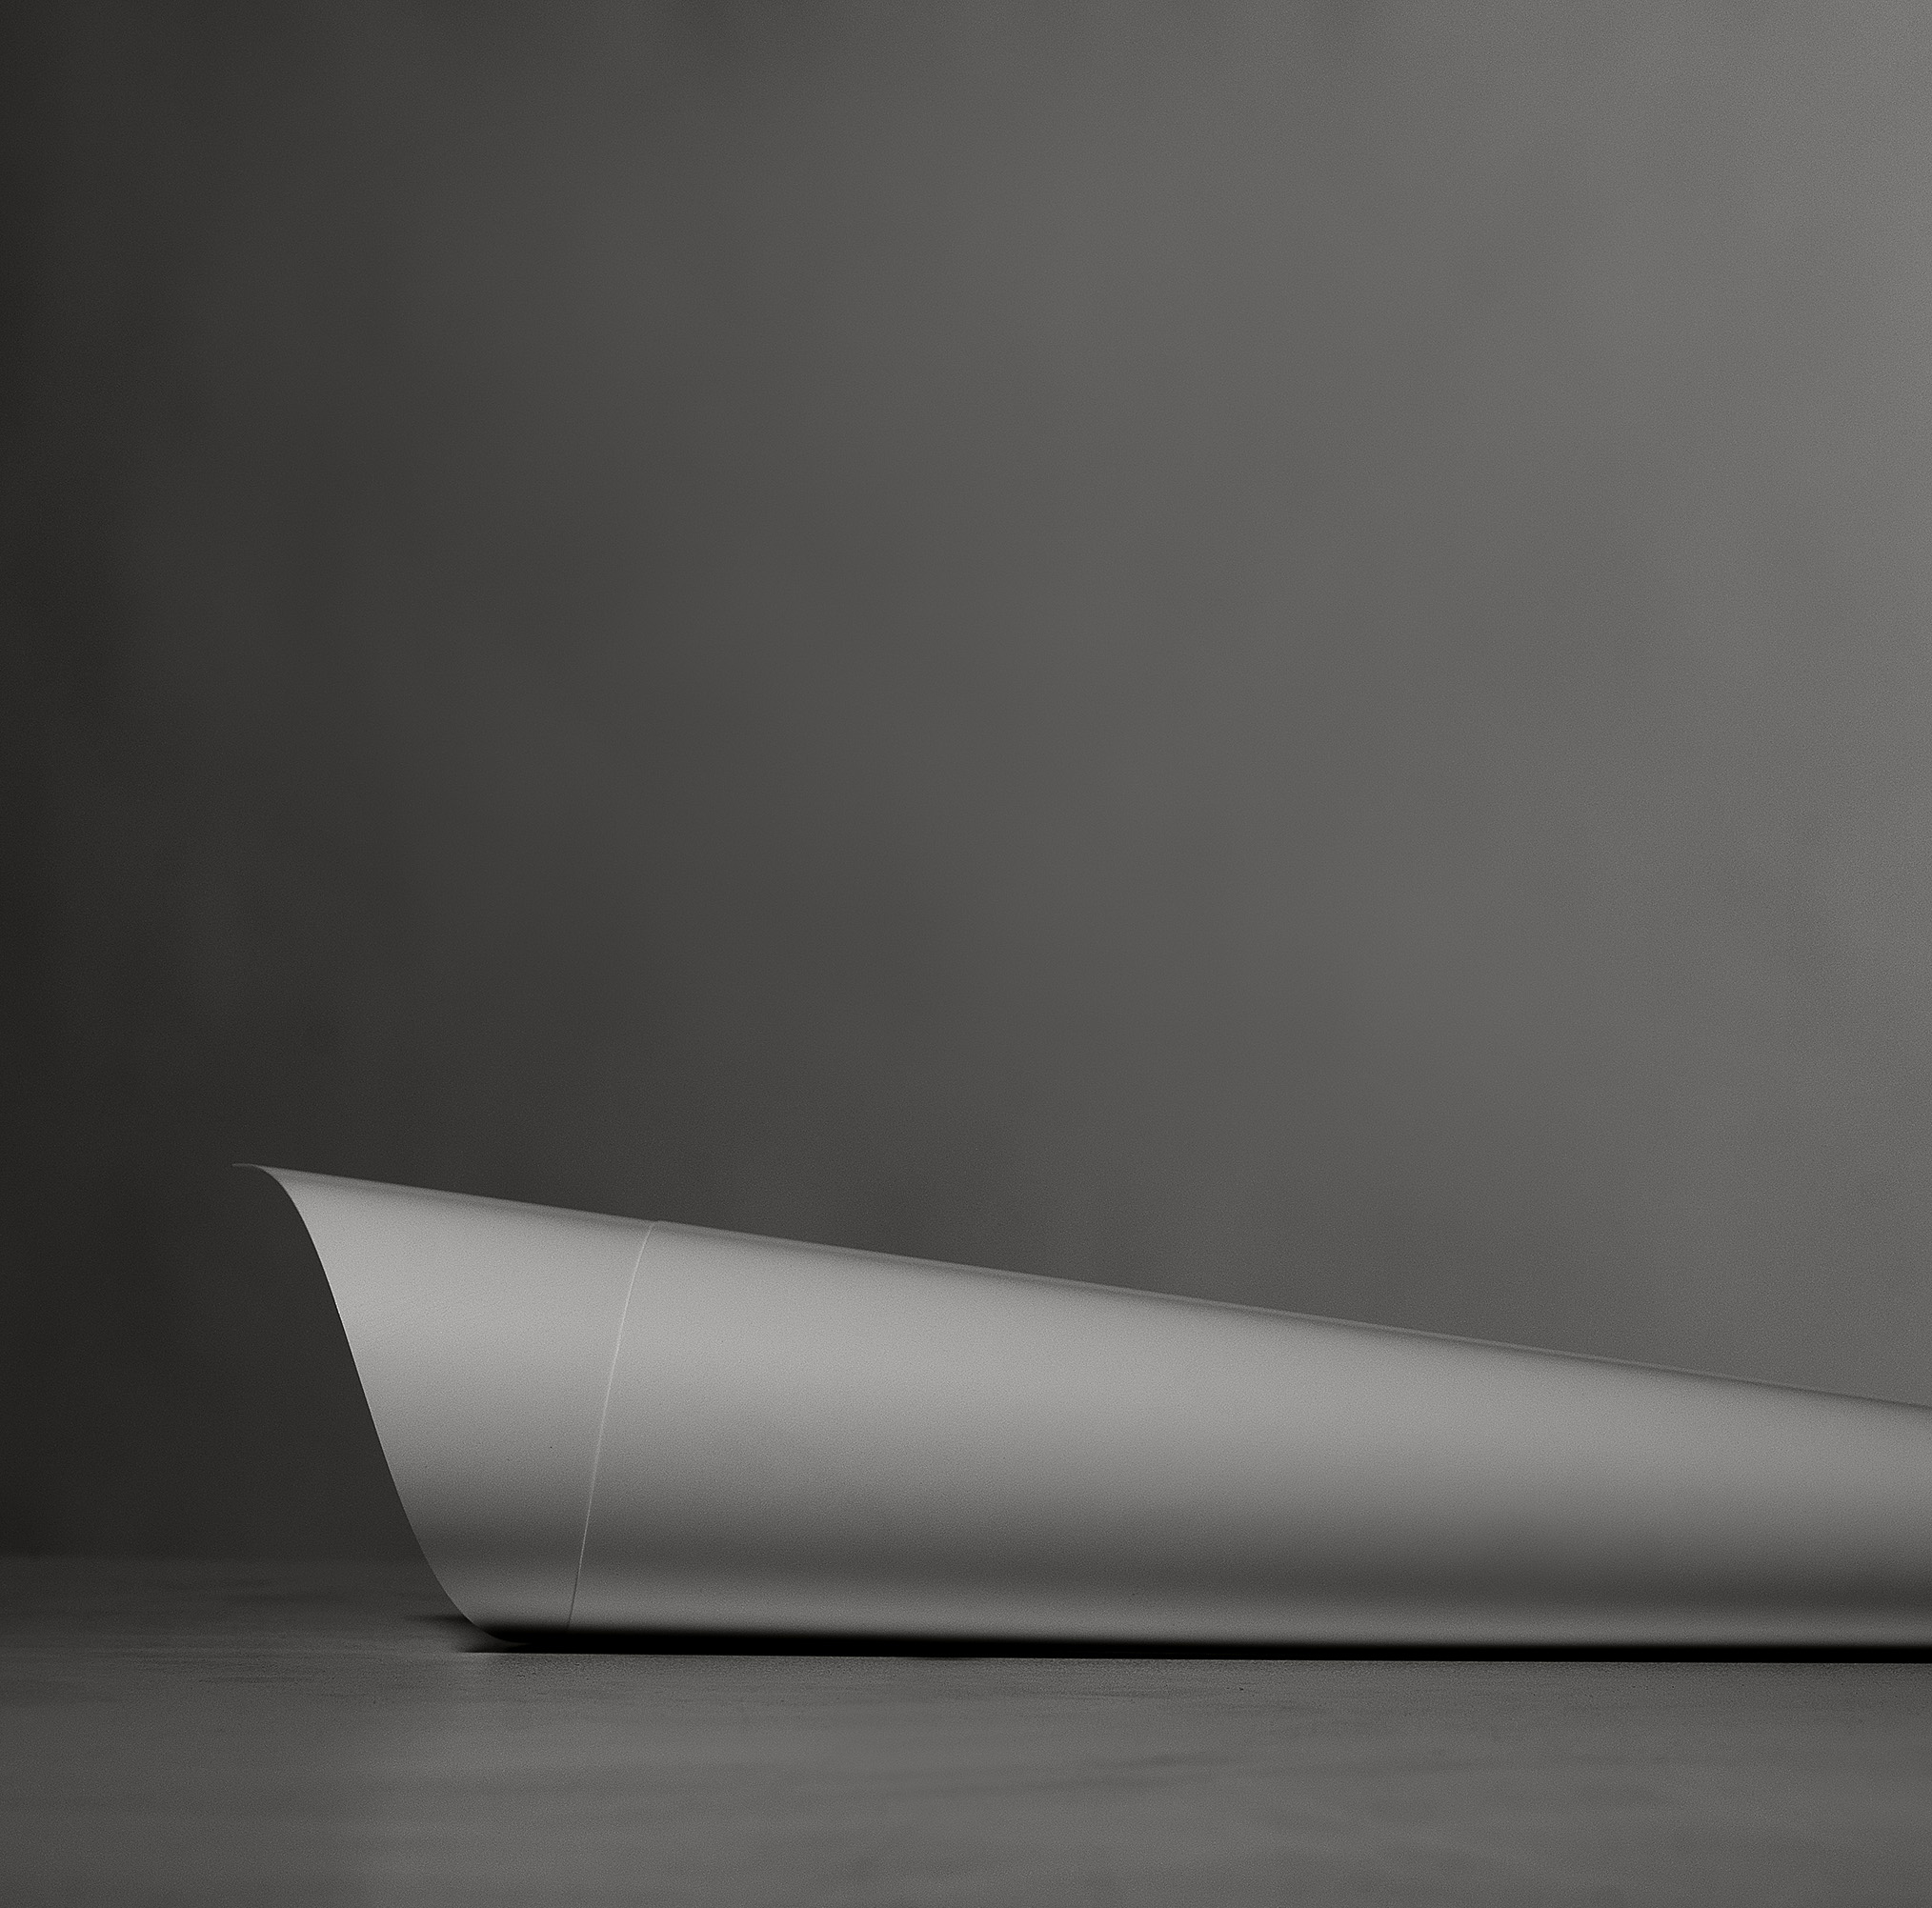 StillLifePhotographyPaperSculpture1.jpg